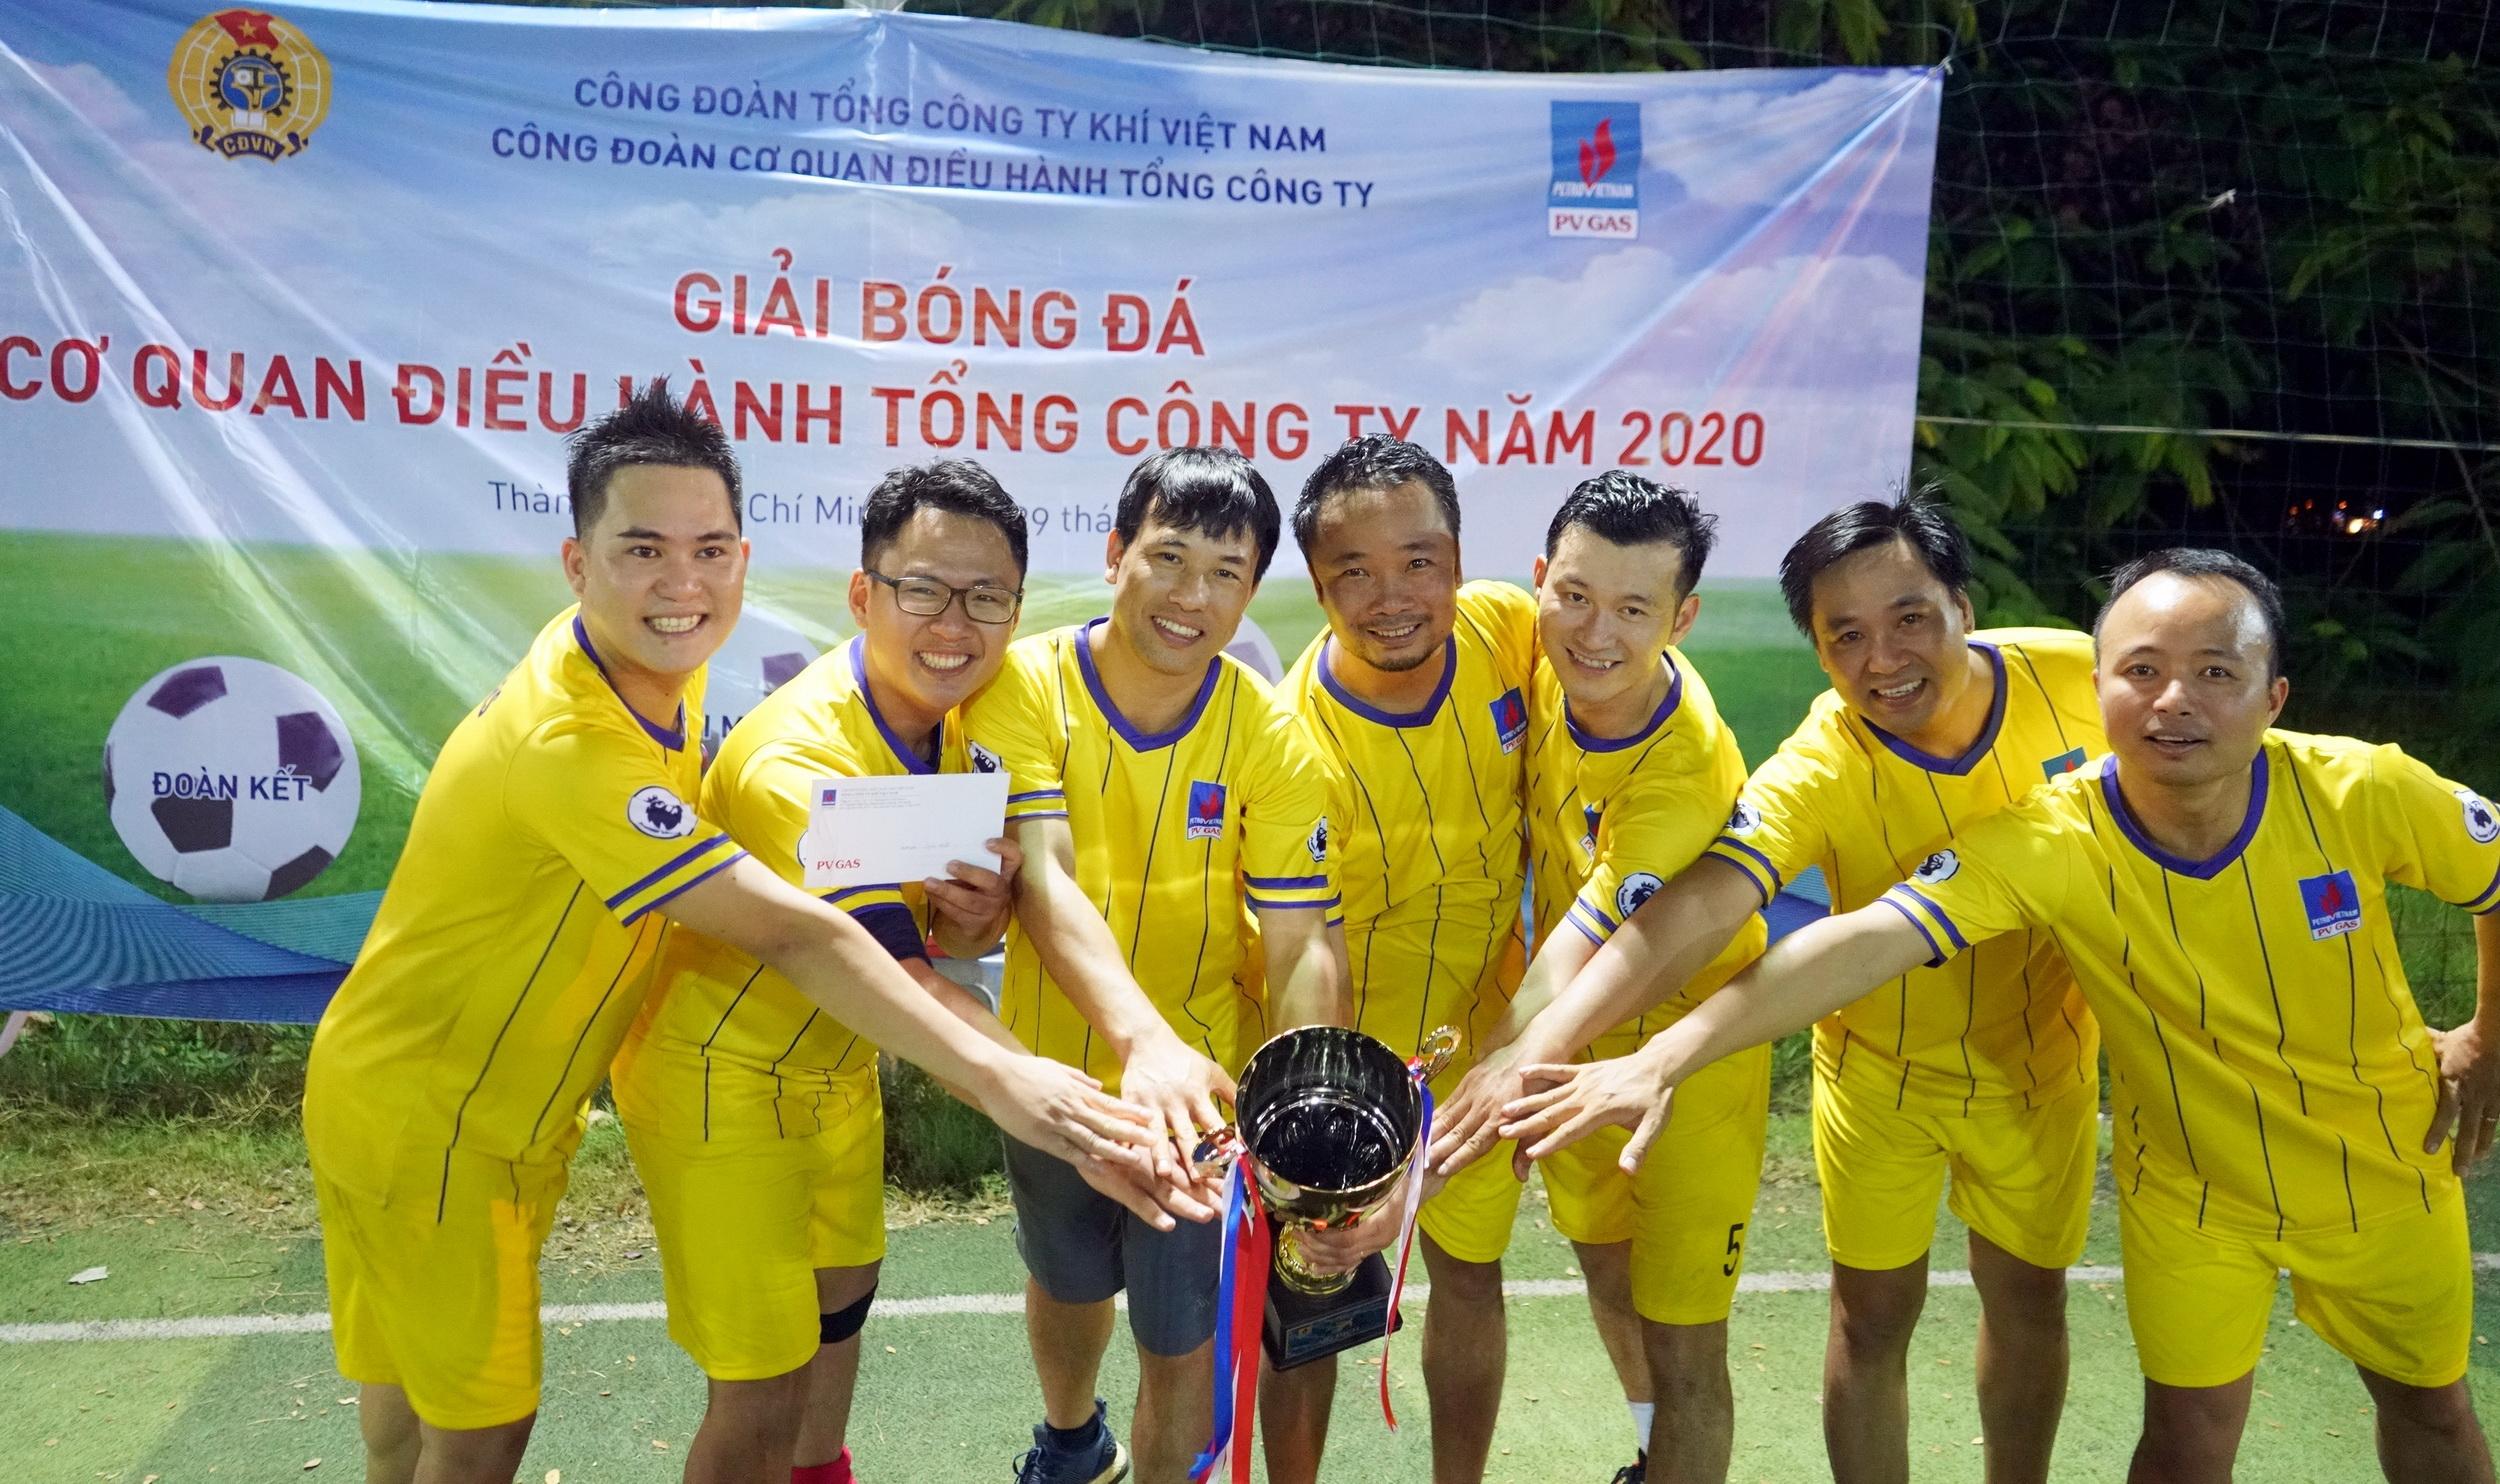 Niềm vui nhận Giải Nhất của Giải bóng đá CQĐH PV GAS 2020